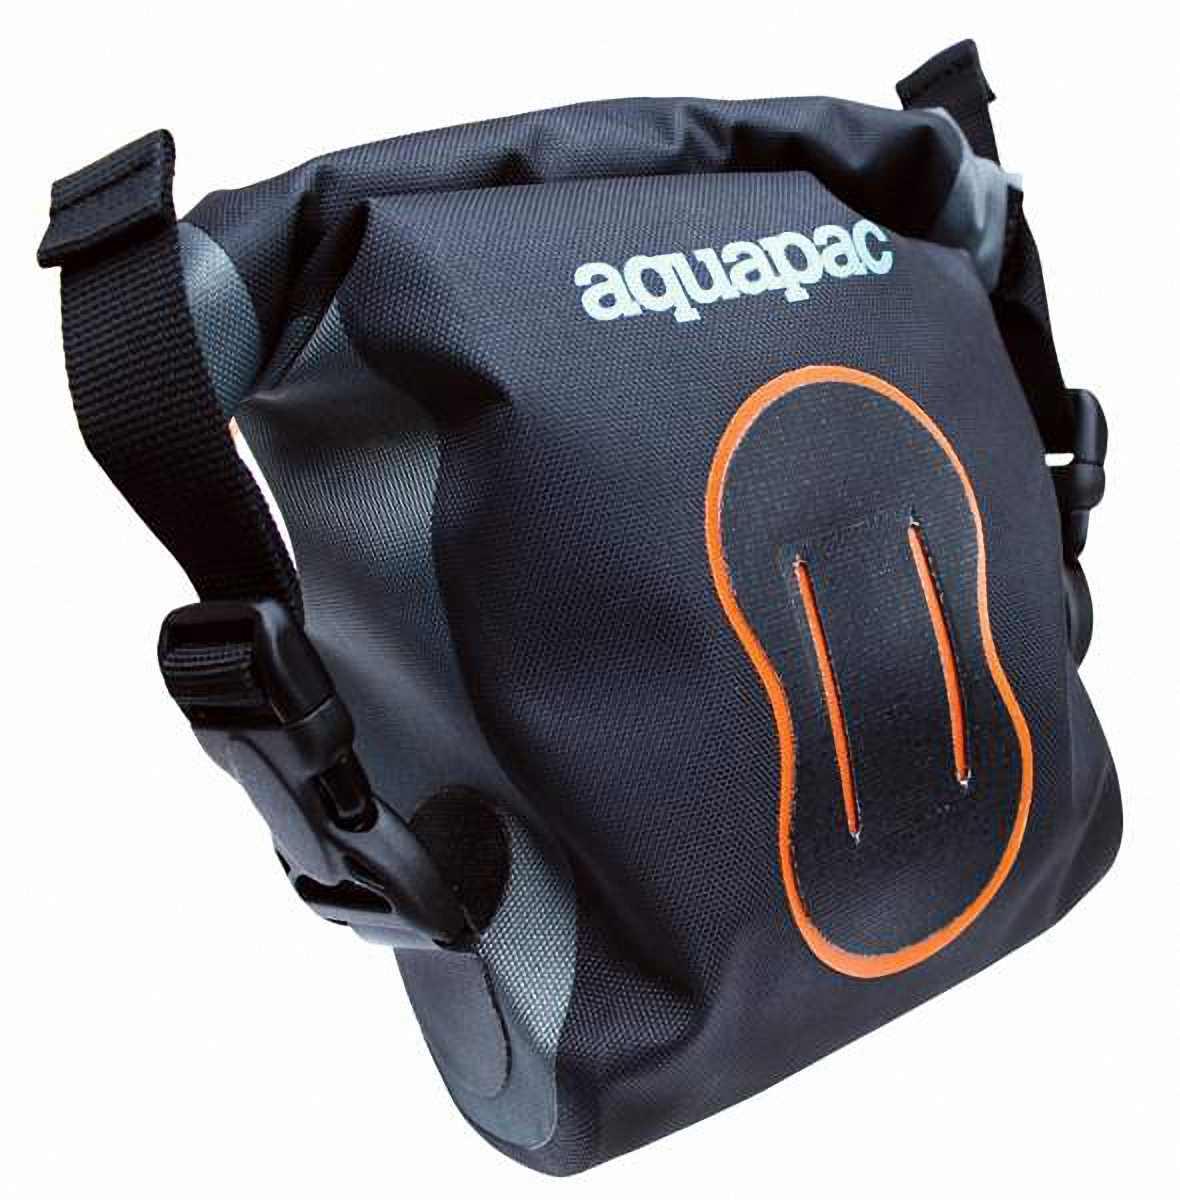 Водонепроницаемый чехол для фотоаппарата - Aquapac 020. Aquapac - №1 в мире водонепроницаемых чехлов и сумок. Фото 4